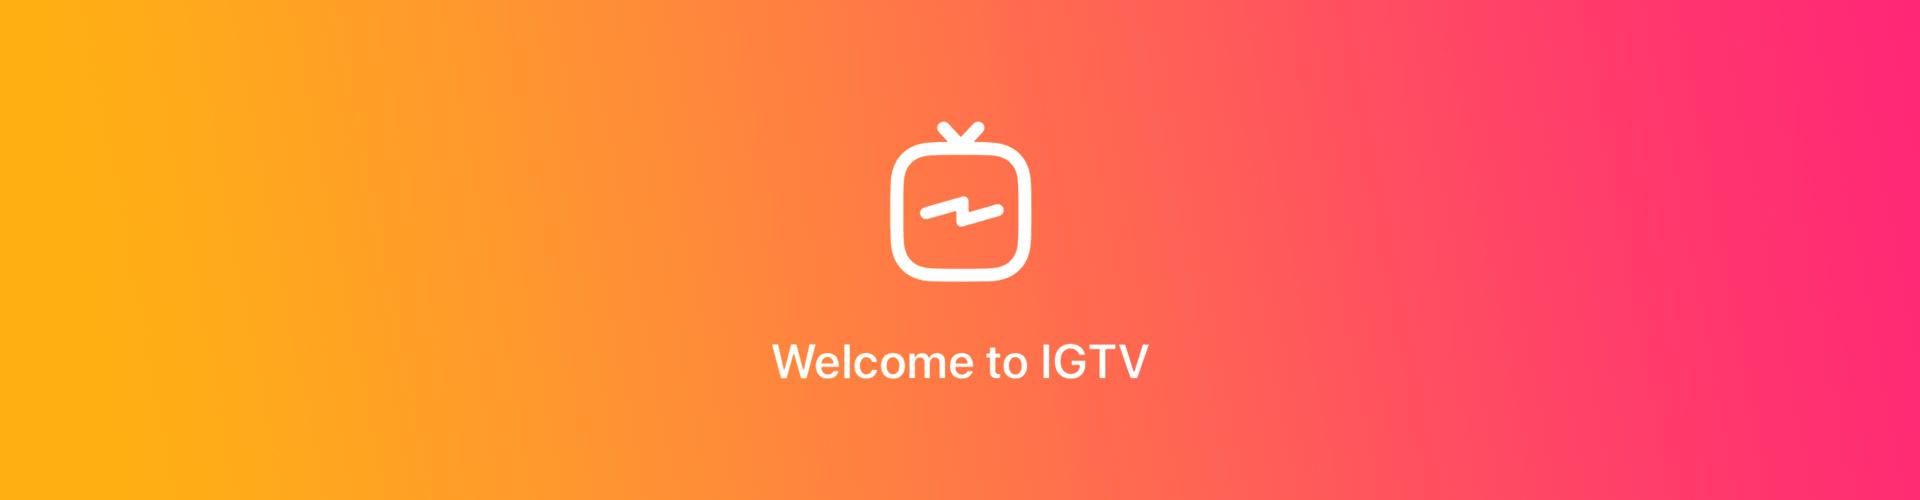 IGTV: La Nueva Herramienta De Instagram